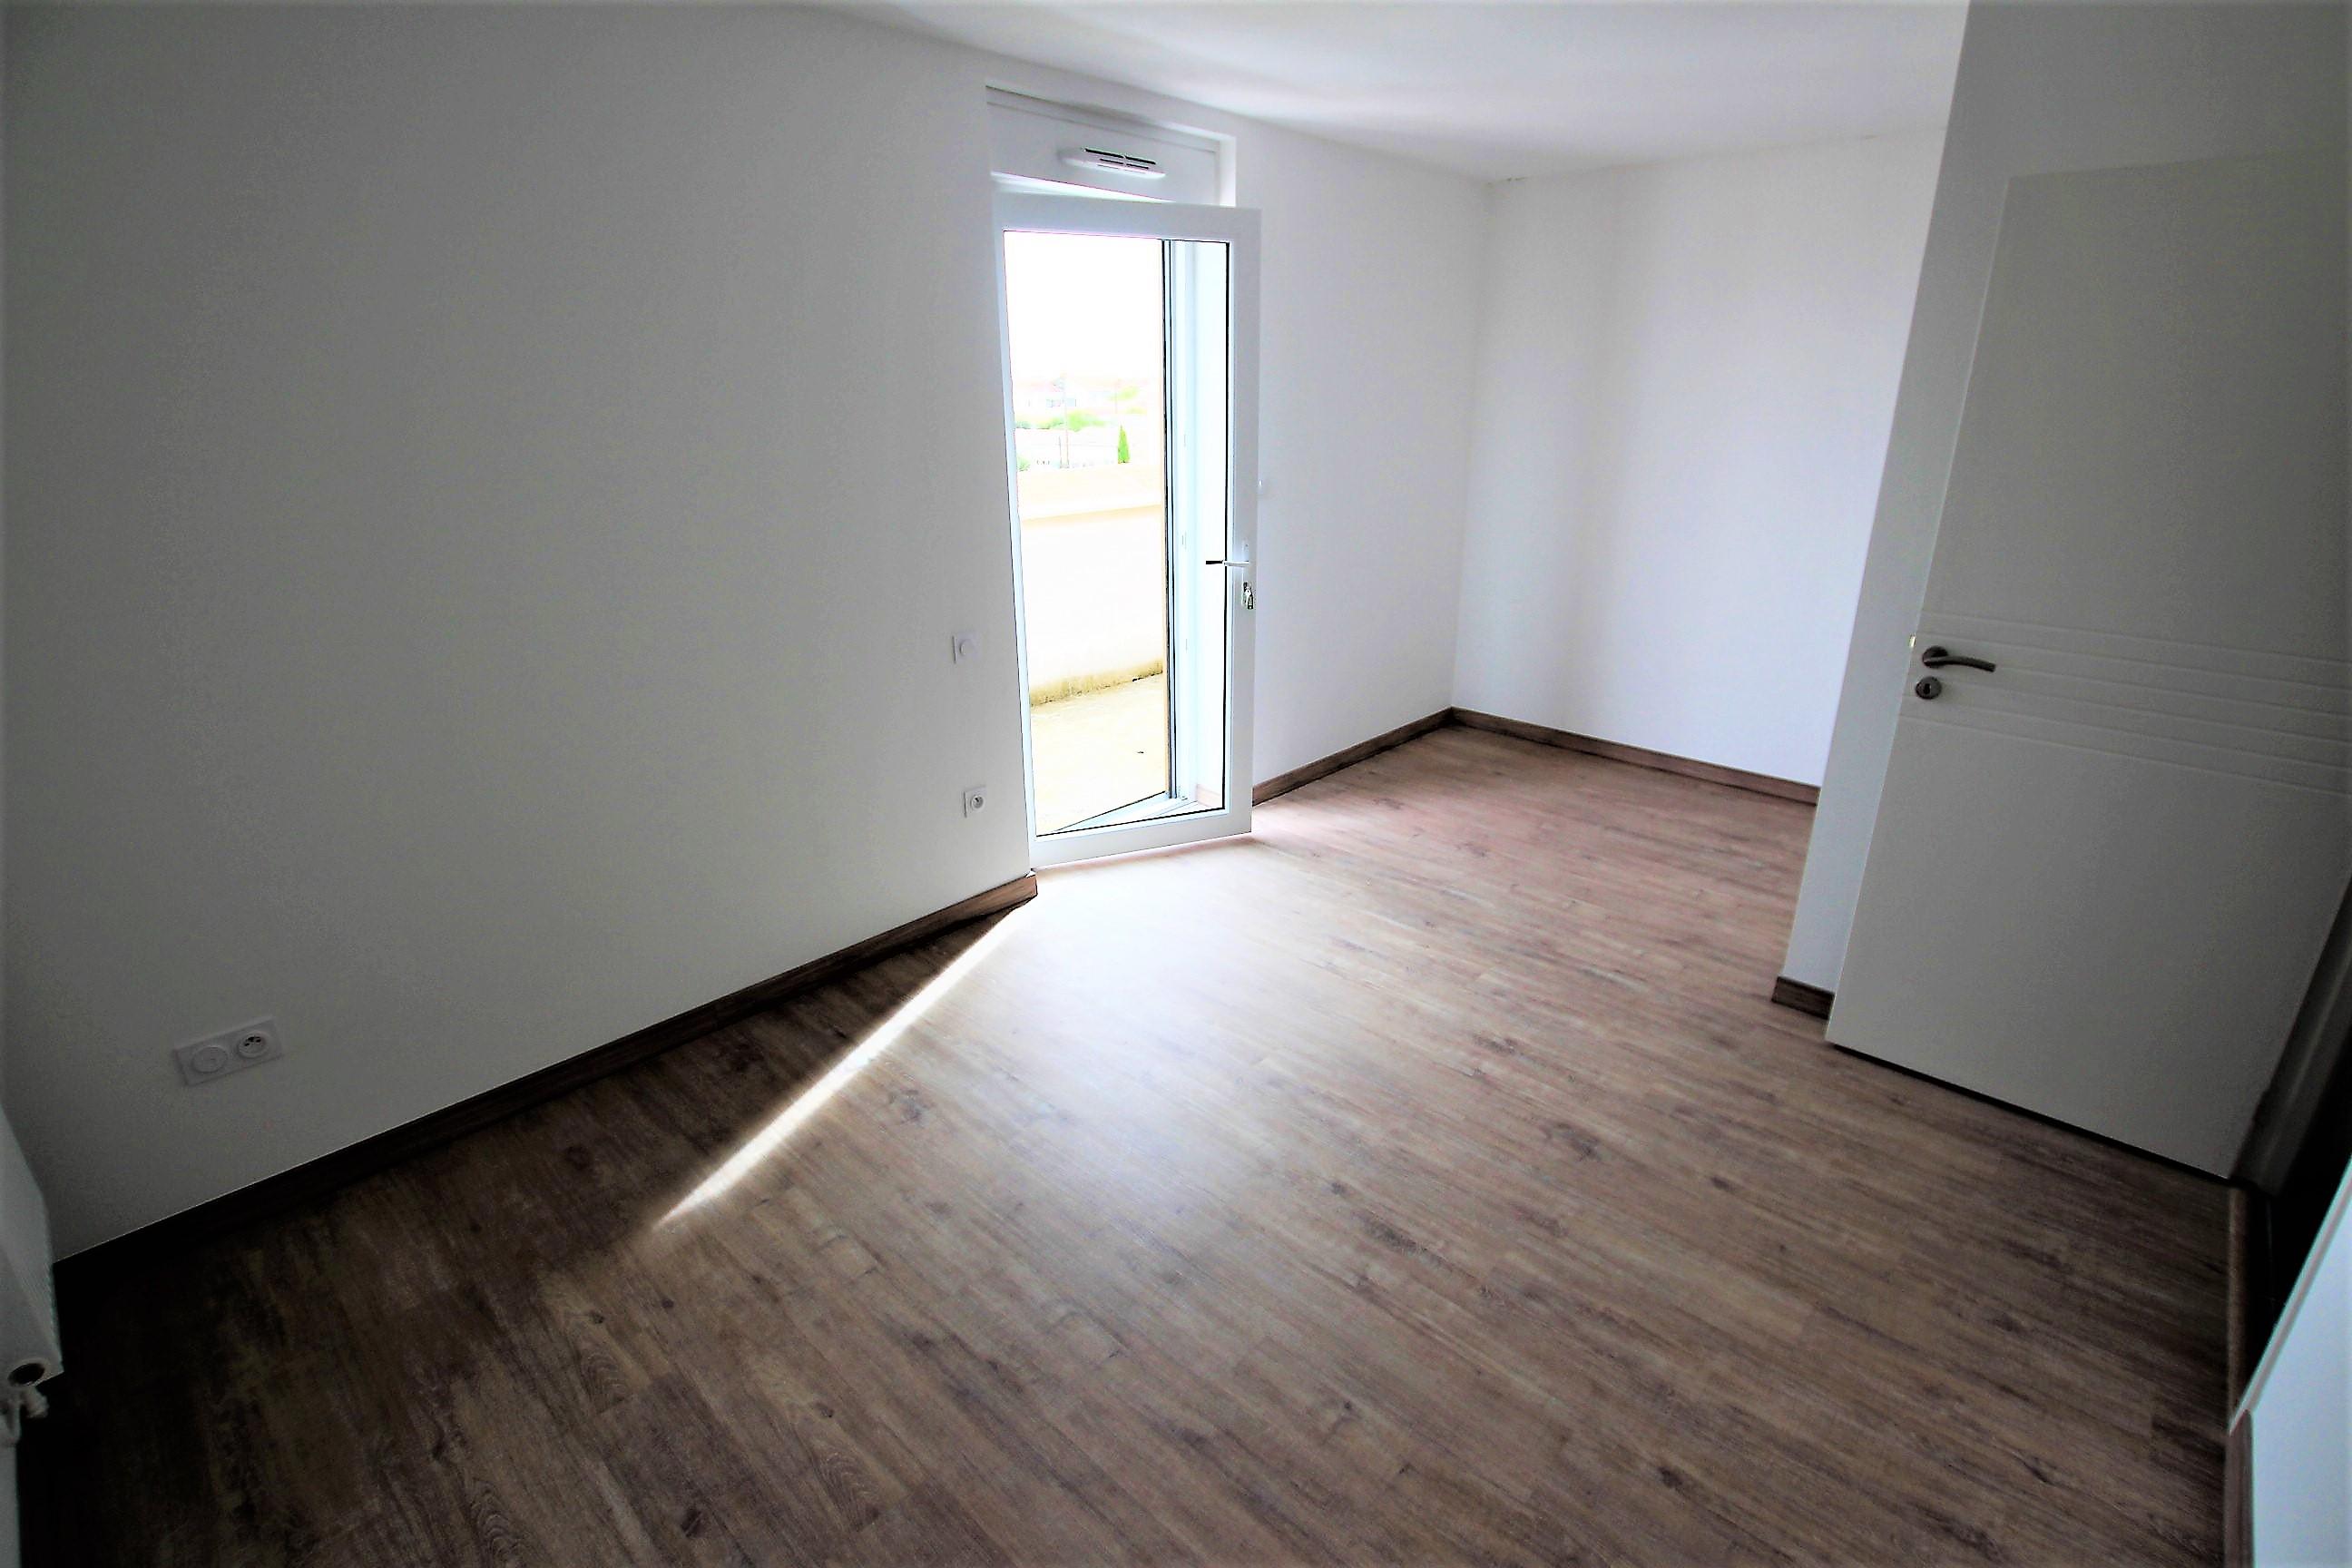 achat appartement appartement t4 de standing la. Black Bedroom Furniture Sets. Home Design Ideas